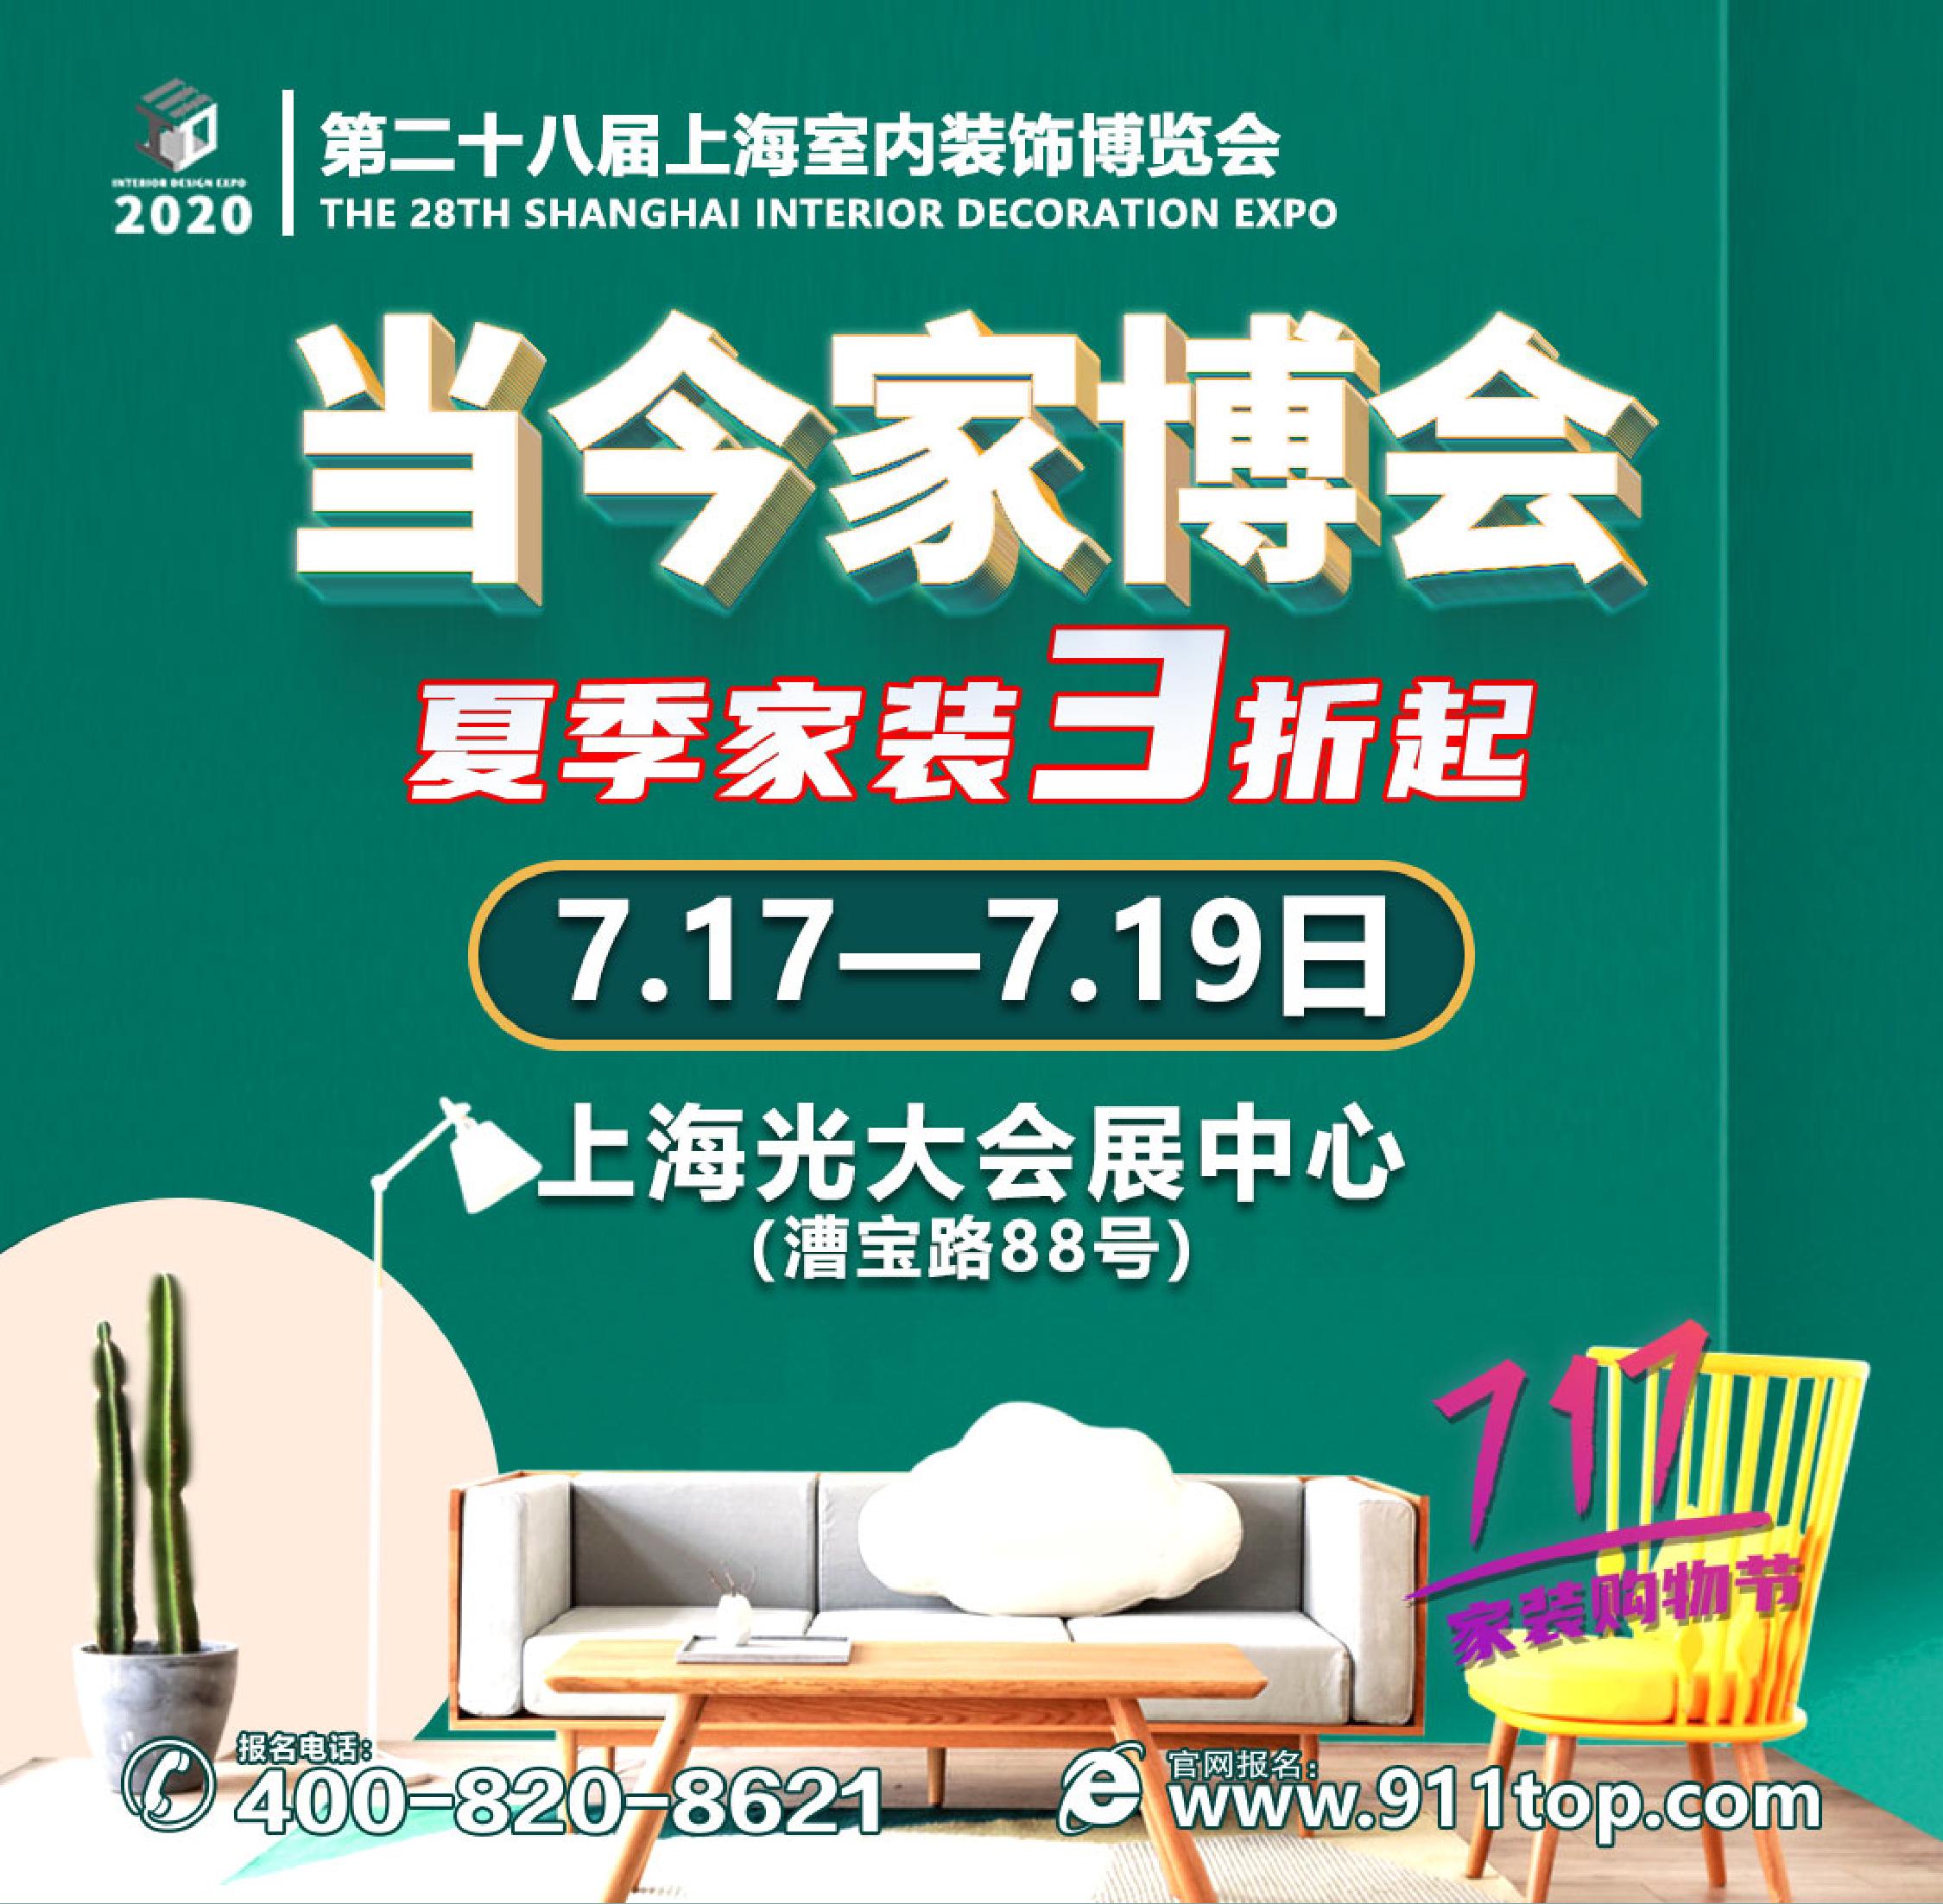 2020上海室内装饰博览会